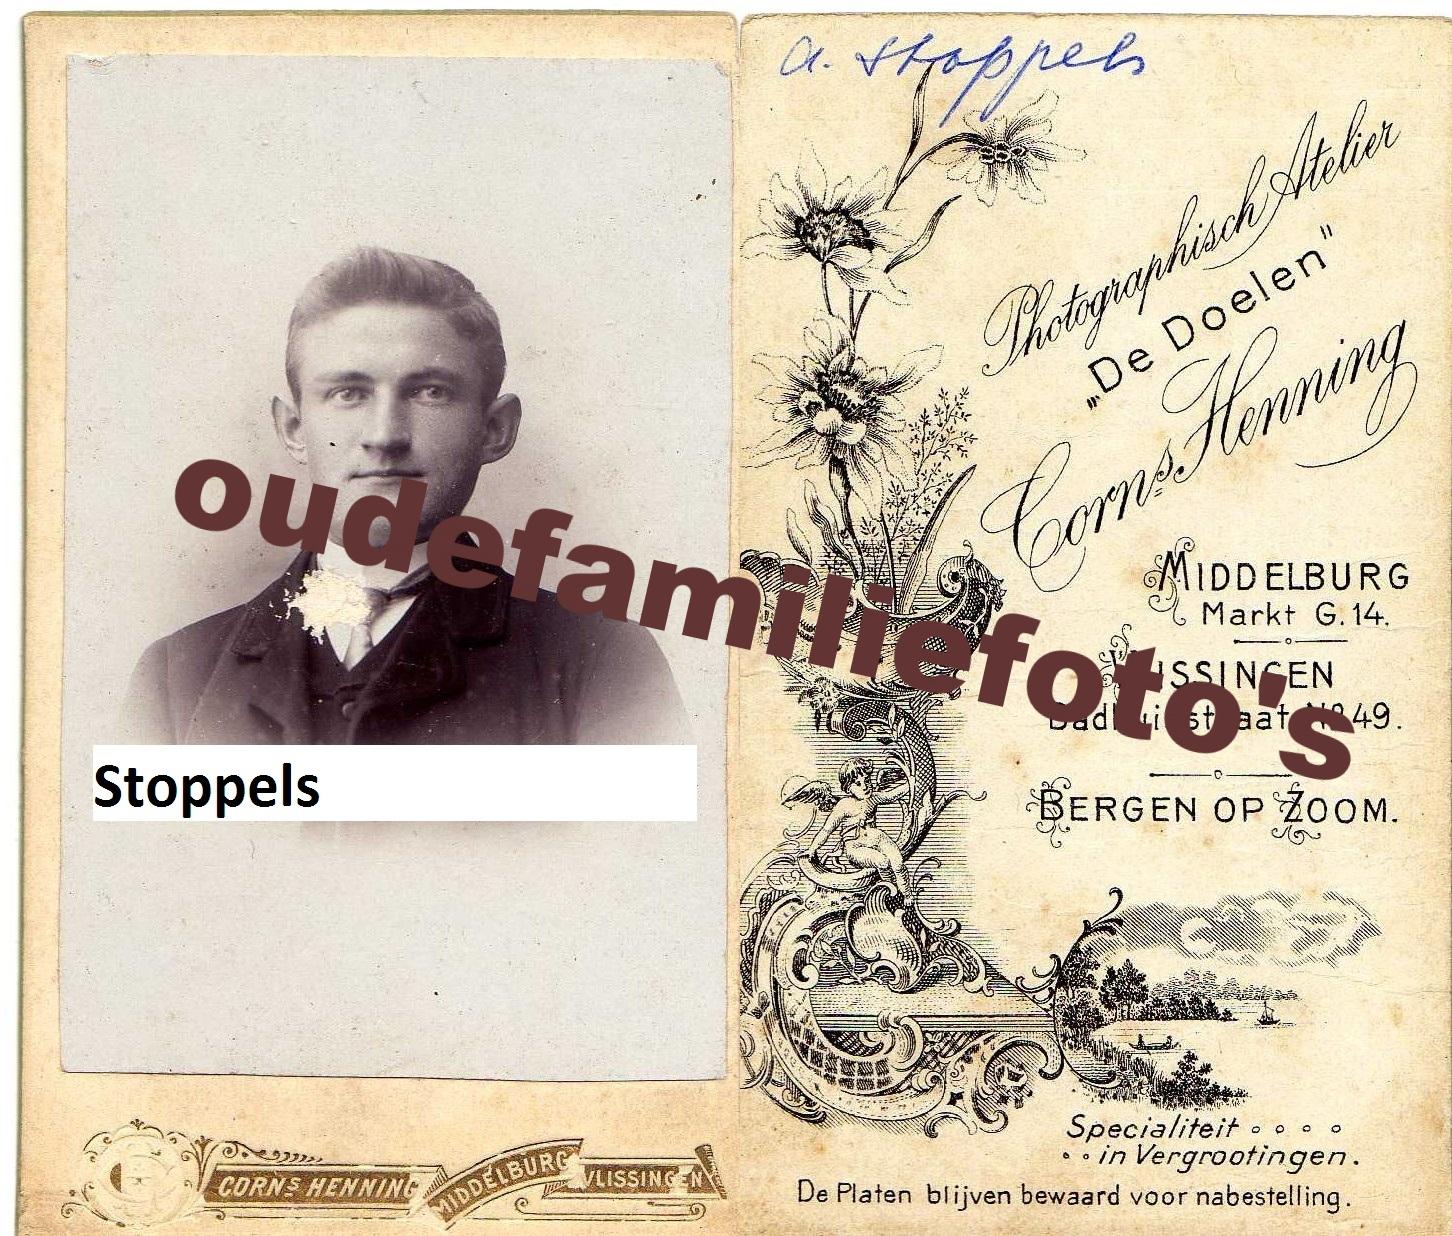 Stoppels, Abraham Jacobus. Geb: 6-12-1883 Serookerke. gehuwd 2-10-1908 Maria Pieternella Roose. € 3,00